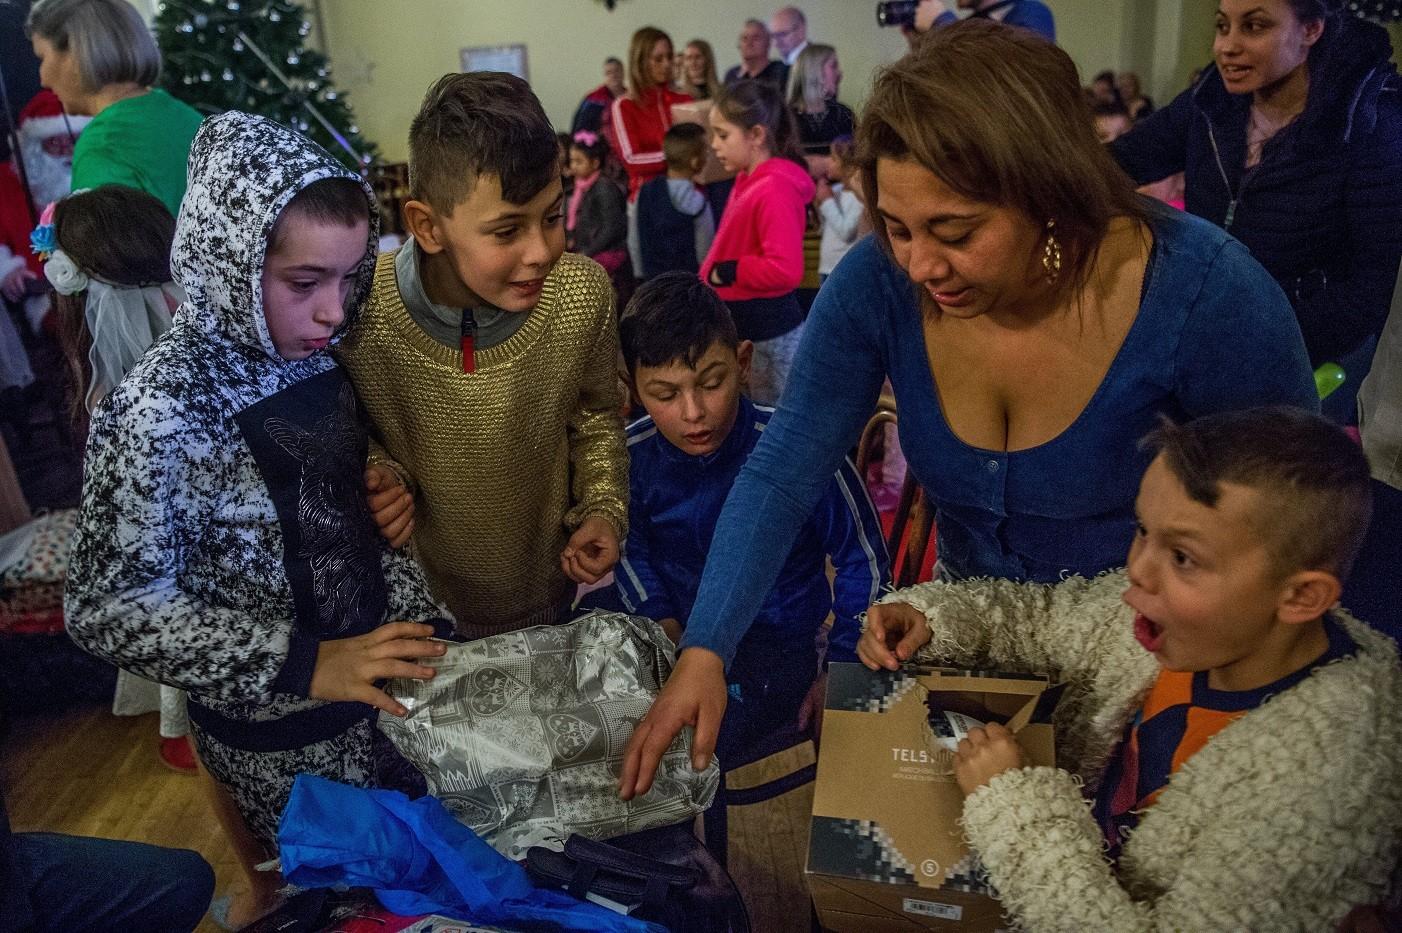 Teljesültek a Hős utcai gyerekek karácsonyi kívánságai